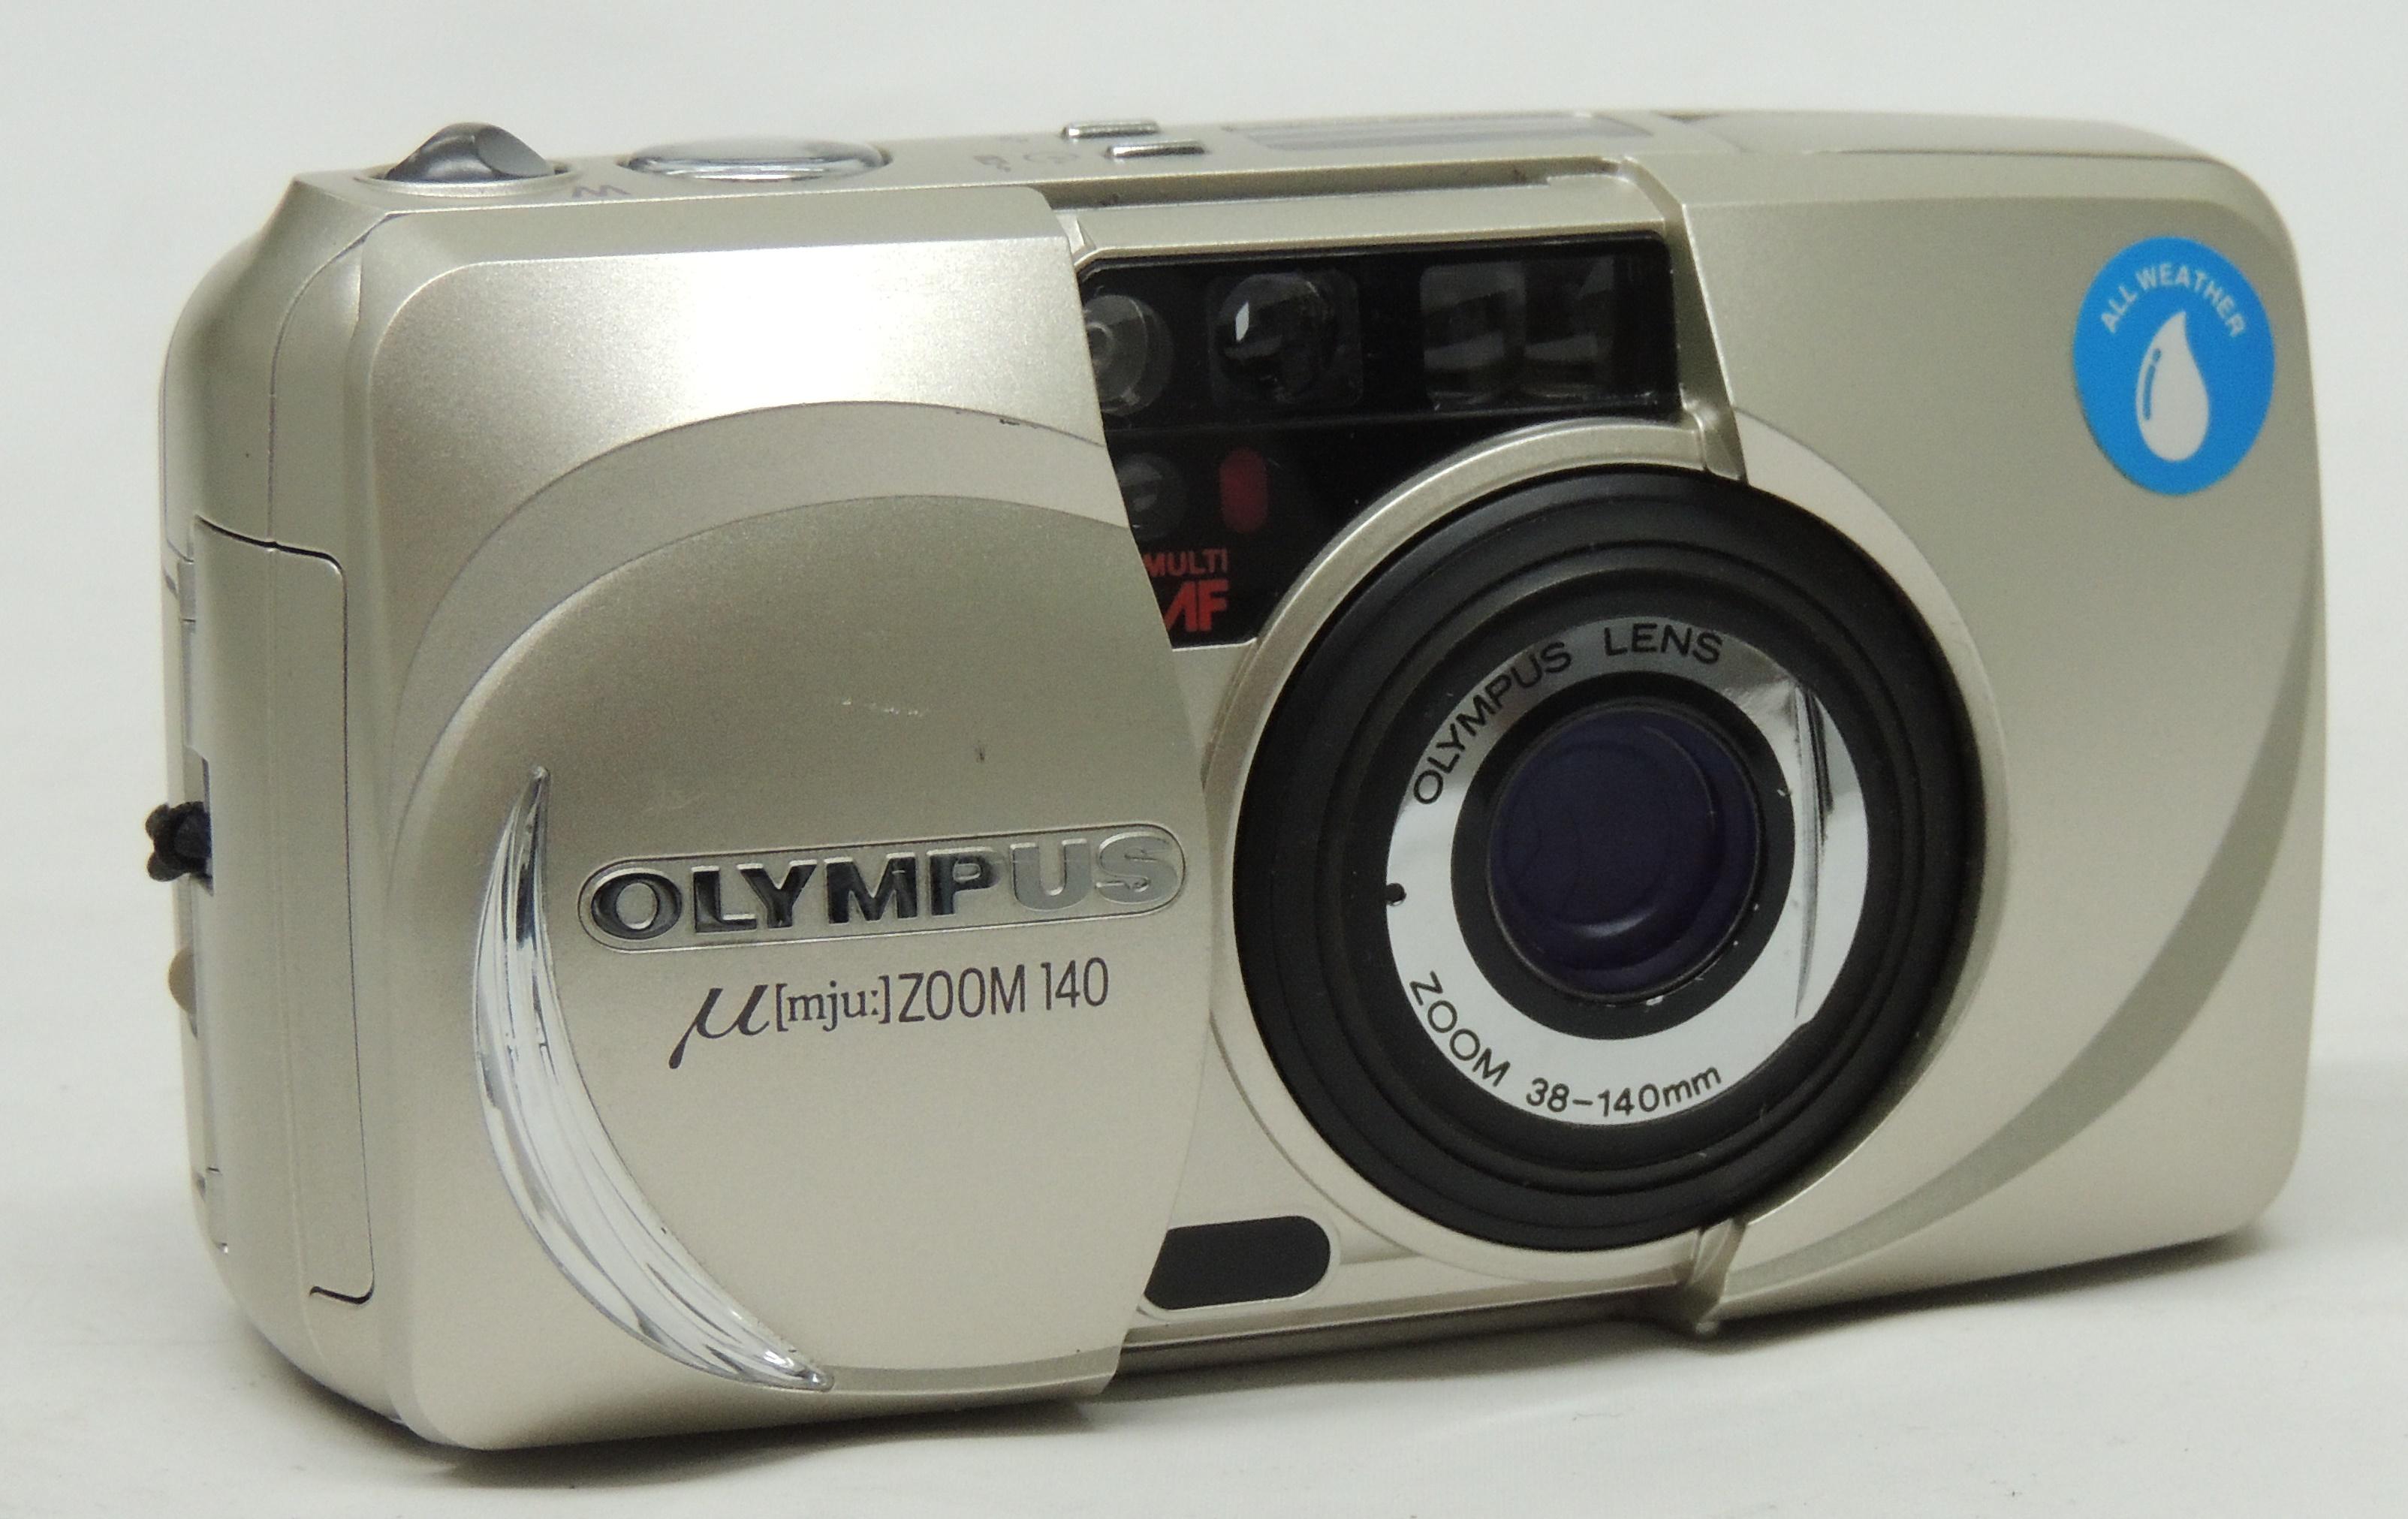 Olympus MJU Zoom 140 35mm Film Camera - 38-140mm Zoom Lens